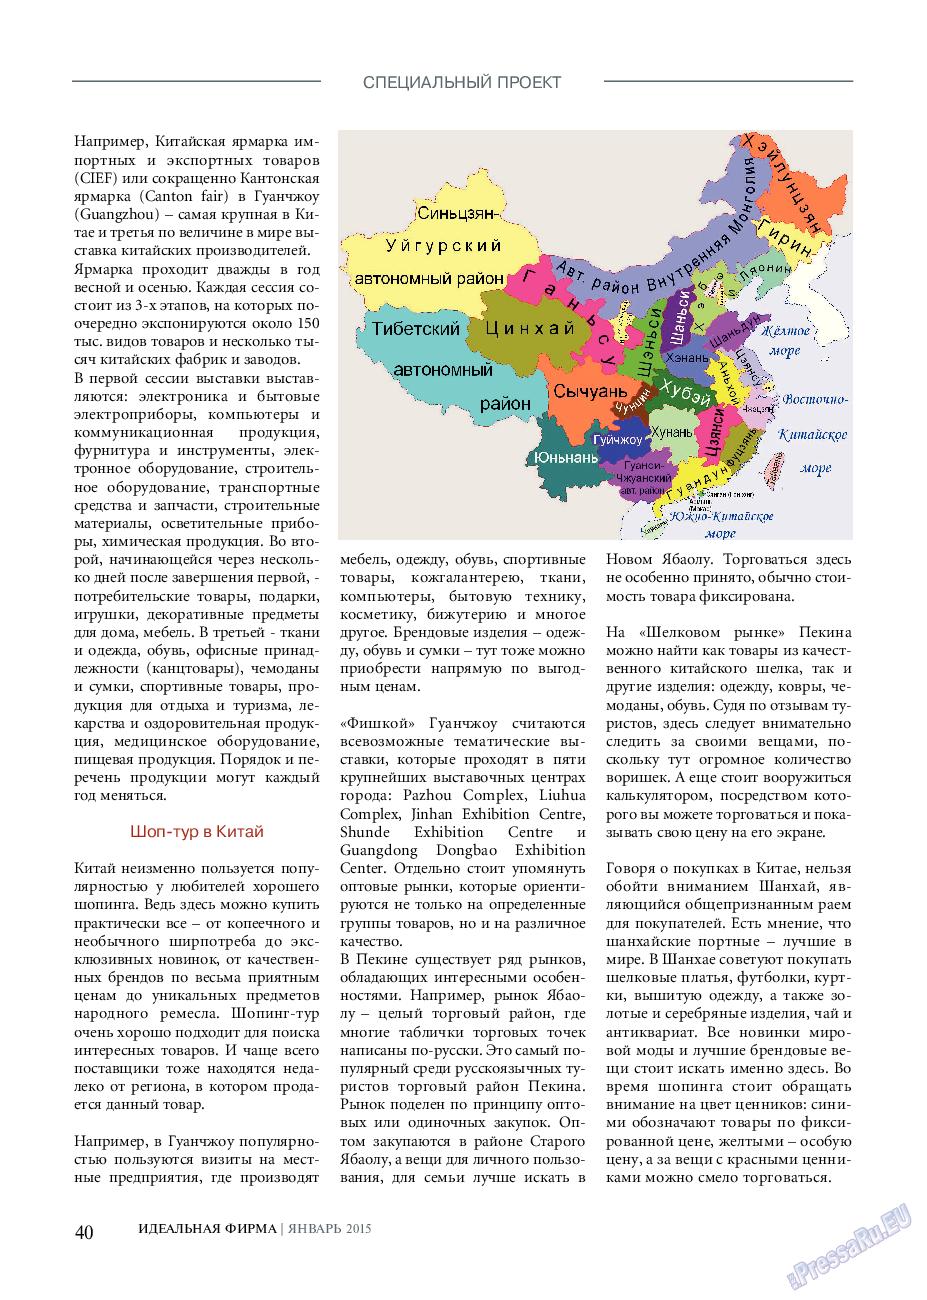 Идеальная фирма (журнал). 2015 год, номер 1, стр. 40